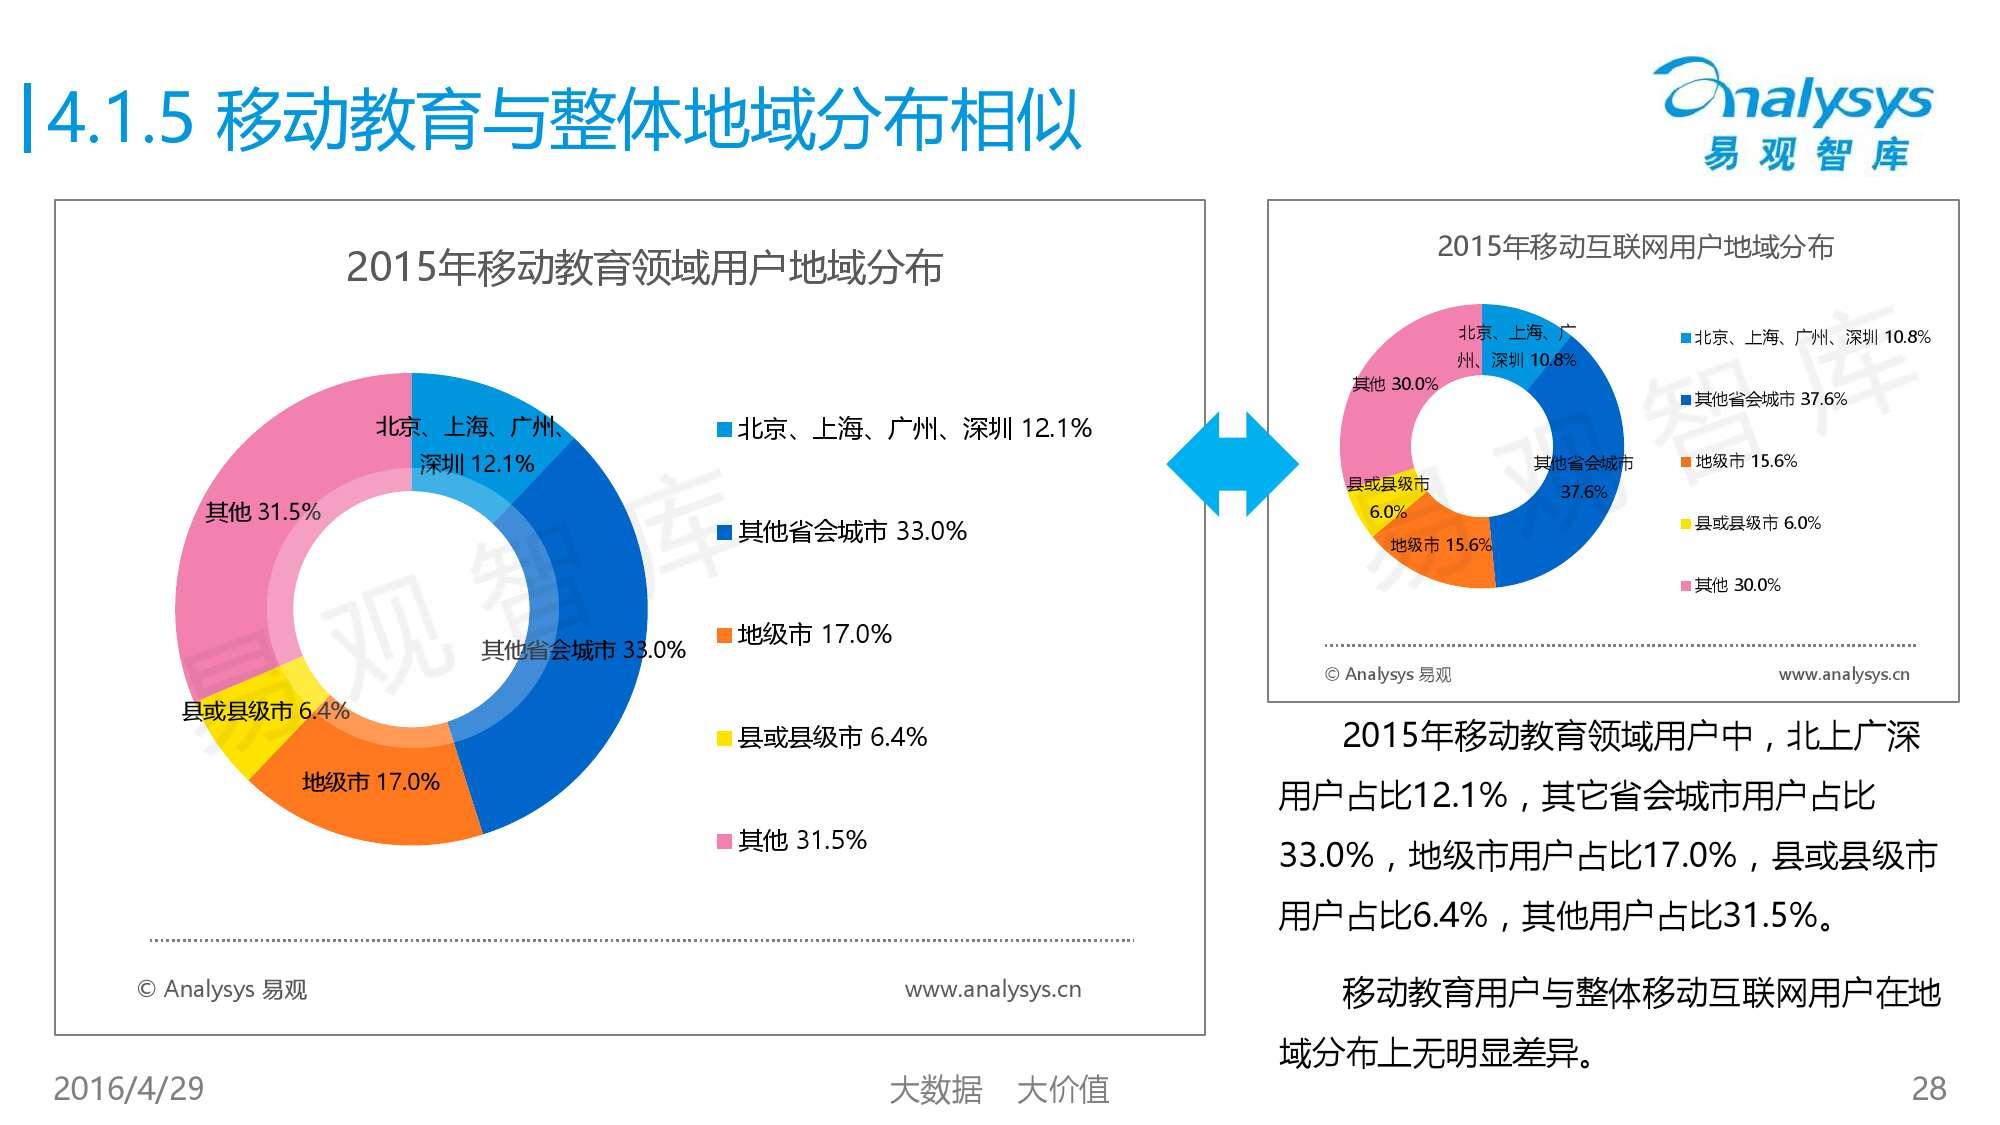 中国移动互联网用户行为统计报告2016_000028